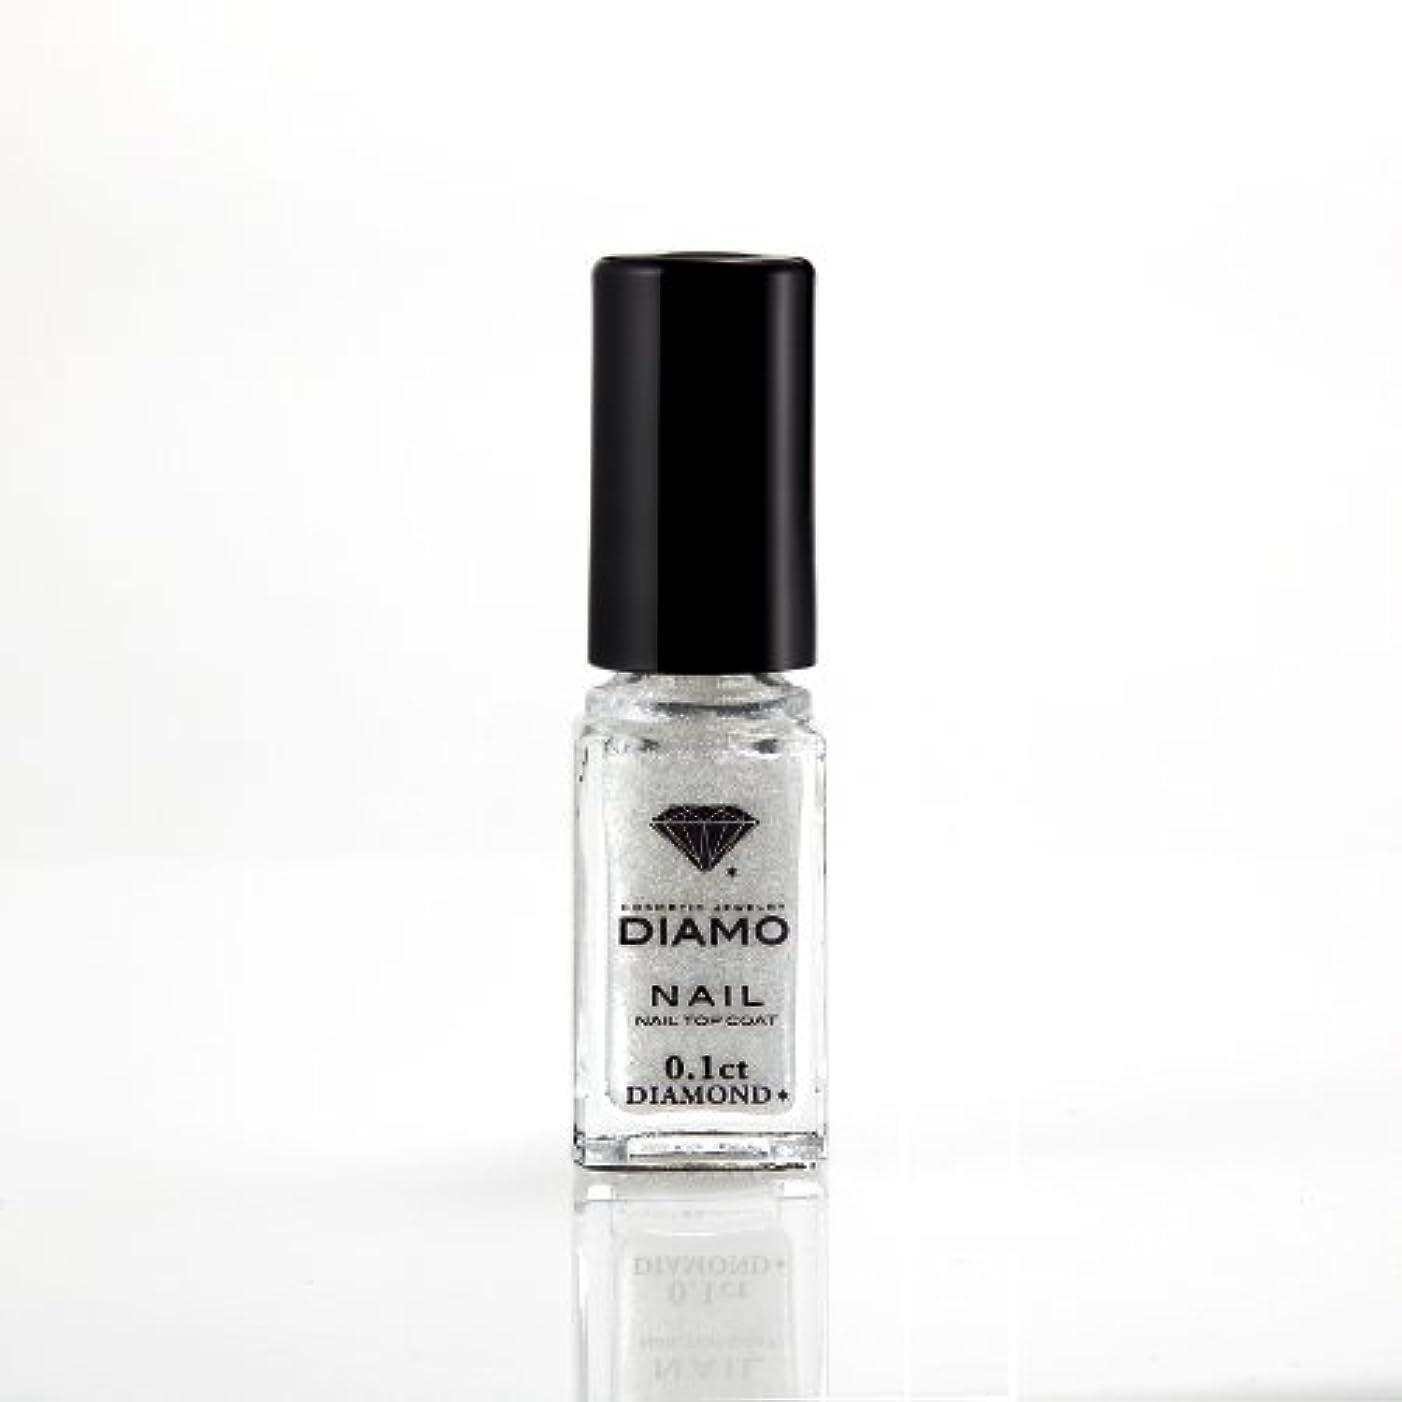 絶えずトマト外部DIAMO NAIL TOP COAT ディアモ ネイル トップコート0.1ct 天然ダイヤモンド粉末入り5ml